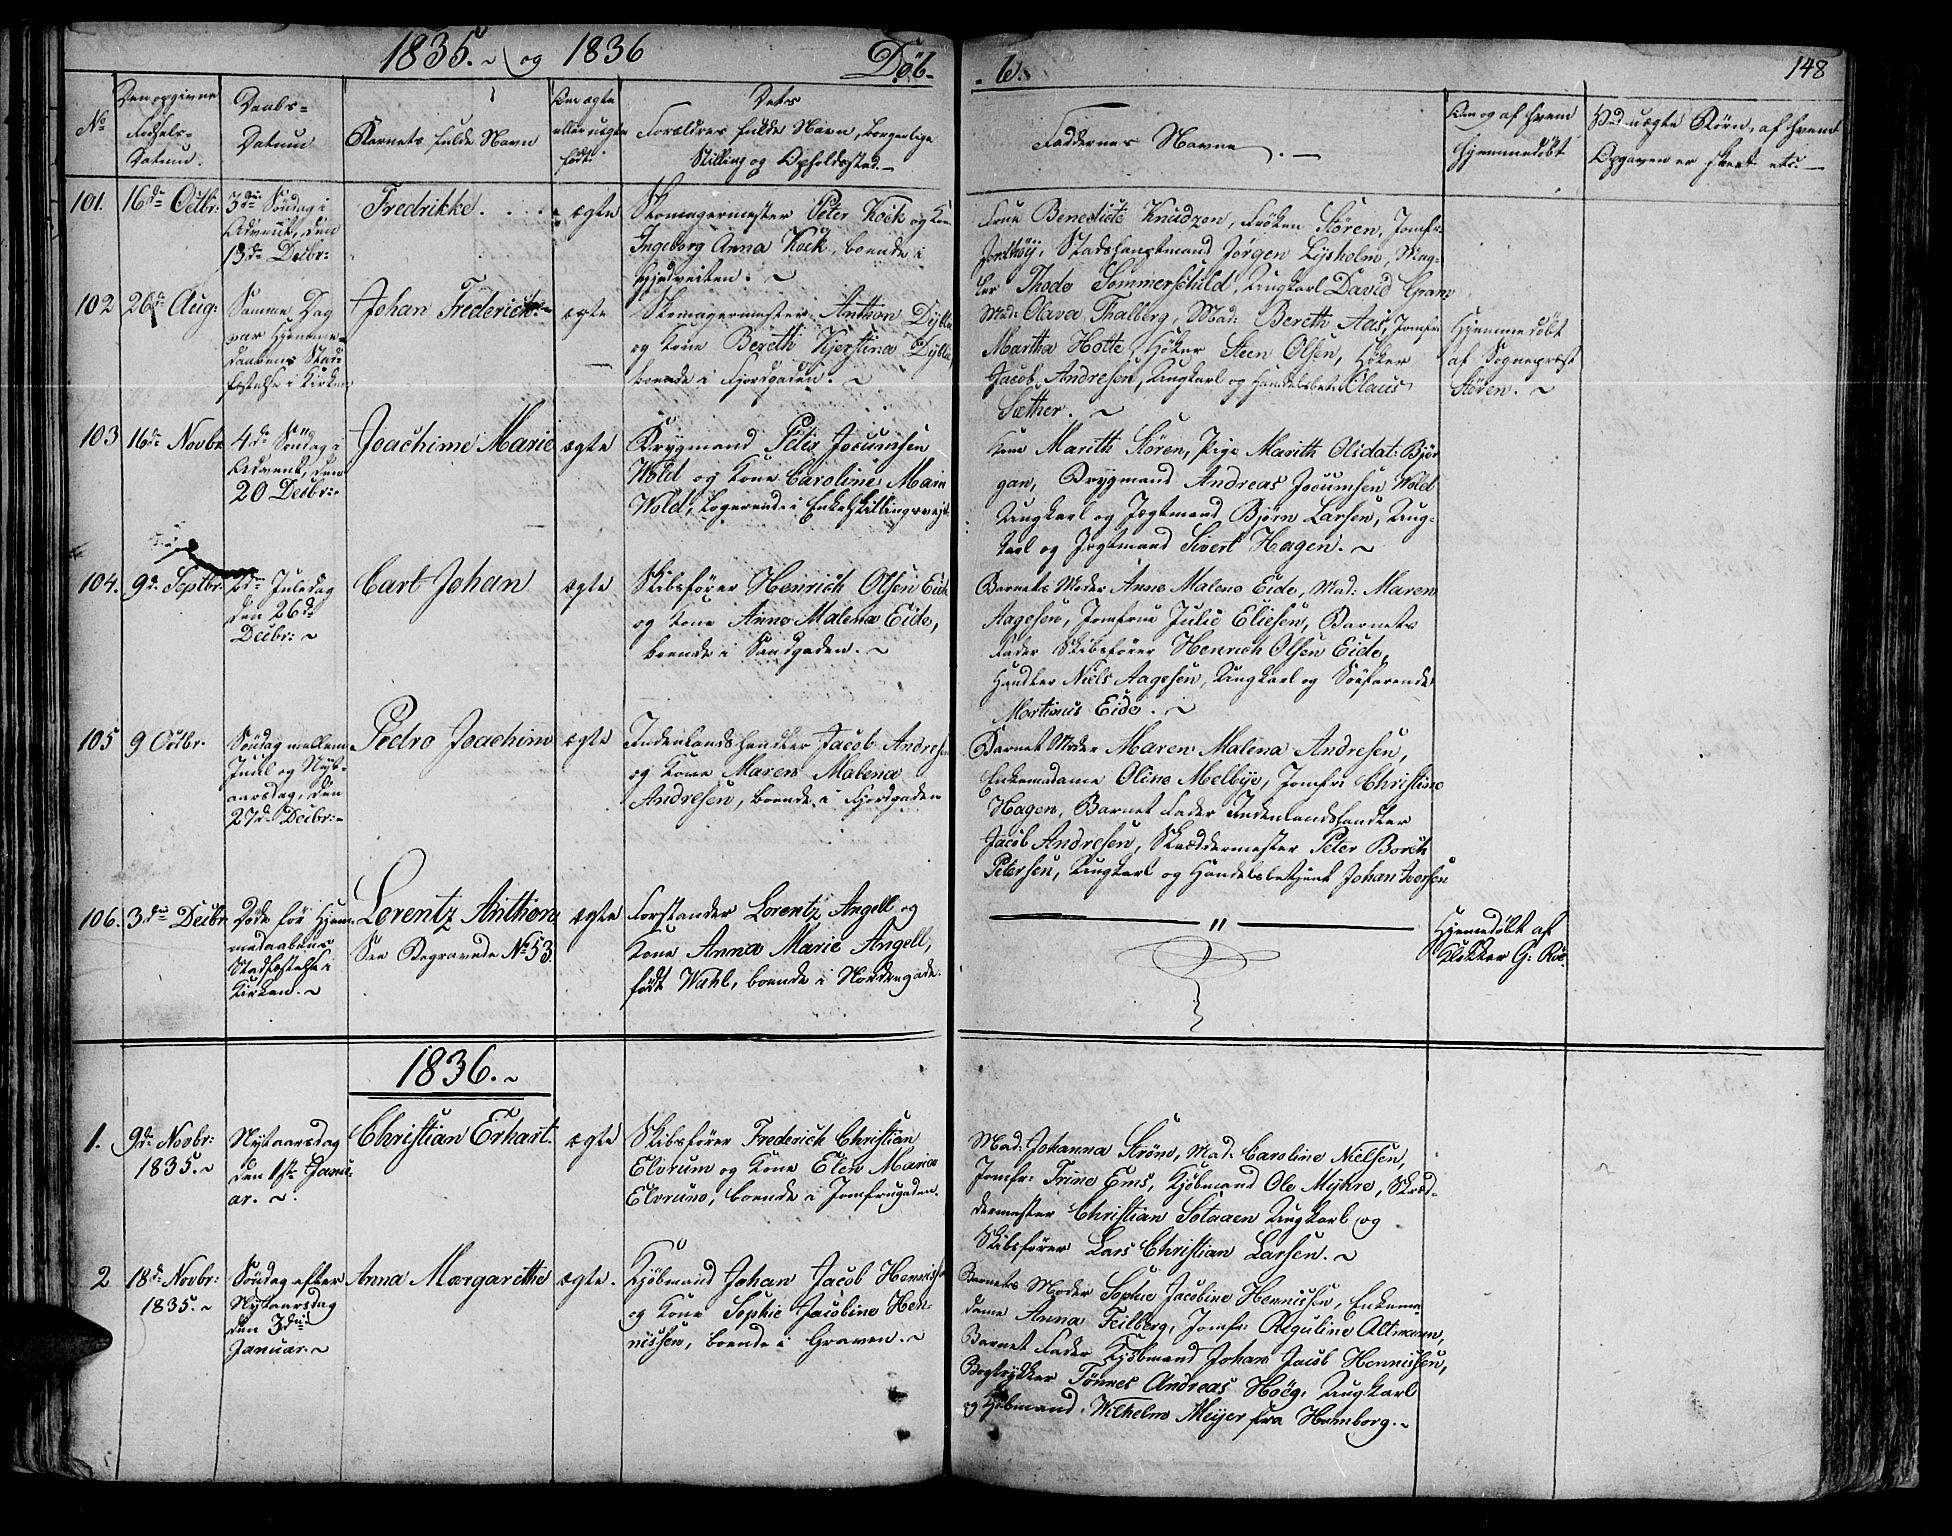 SAT, Ministerialprotokoller, klokkerbøker og fødselsregistre - Sør-Trøndelag, 602/L0108: Ministerialbok nr. 602A06, 1821-1839, s. 148